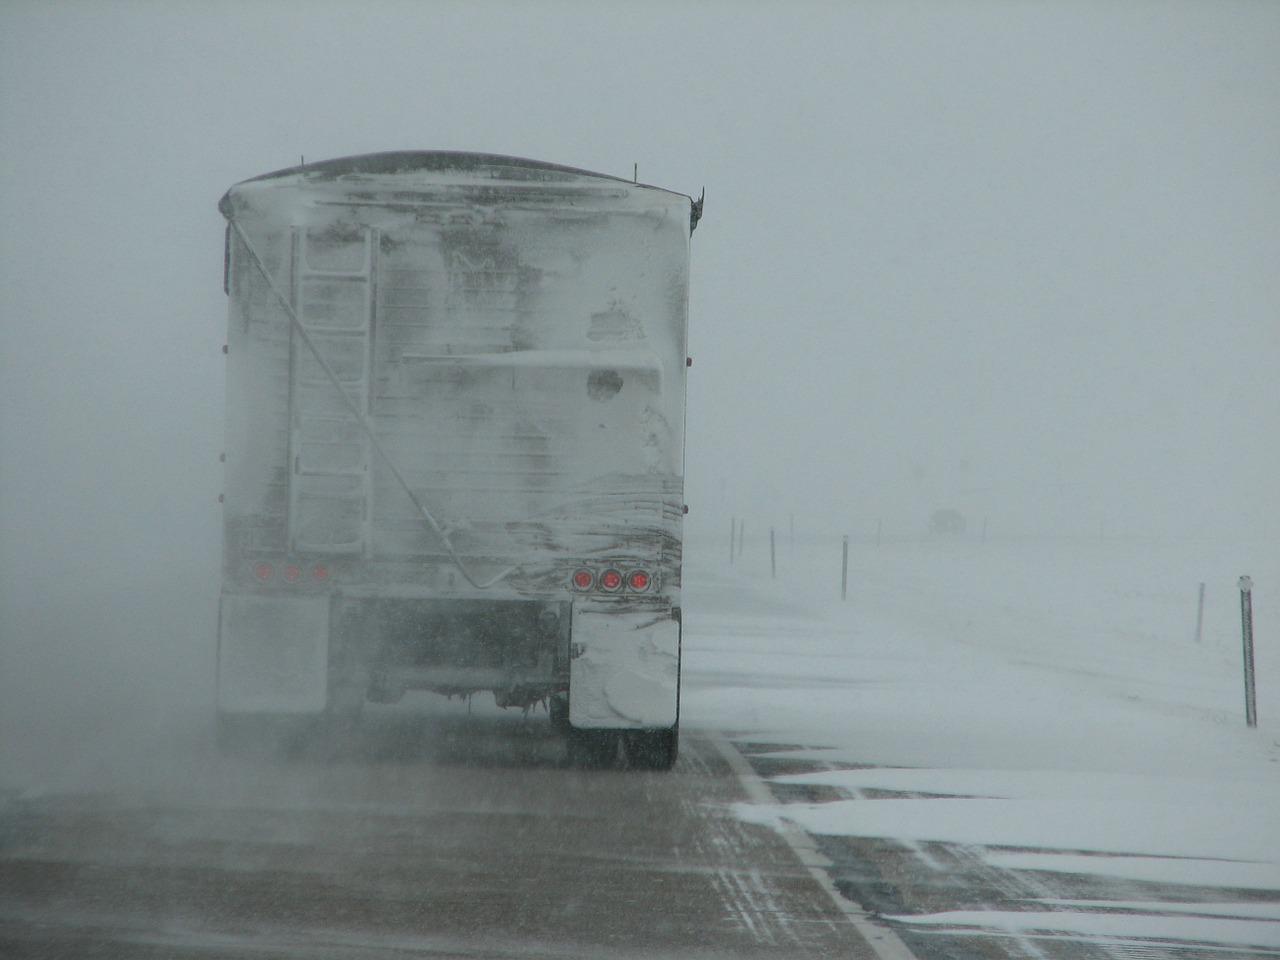 Potężny atak zimy! IMGW wydał ostrzeżenie najwyższego stopnia - Zdjęcie główne